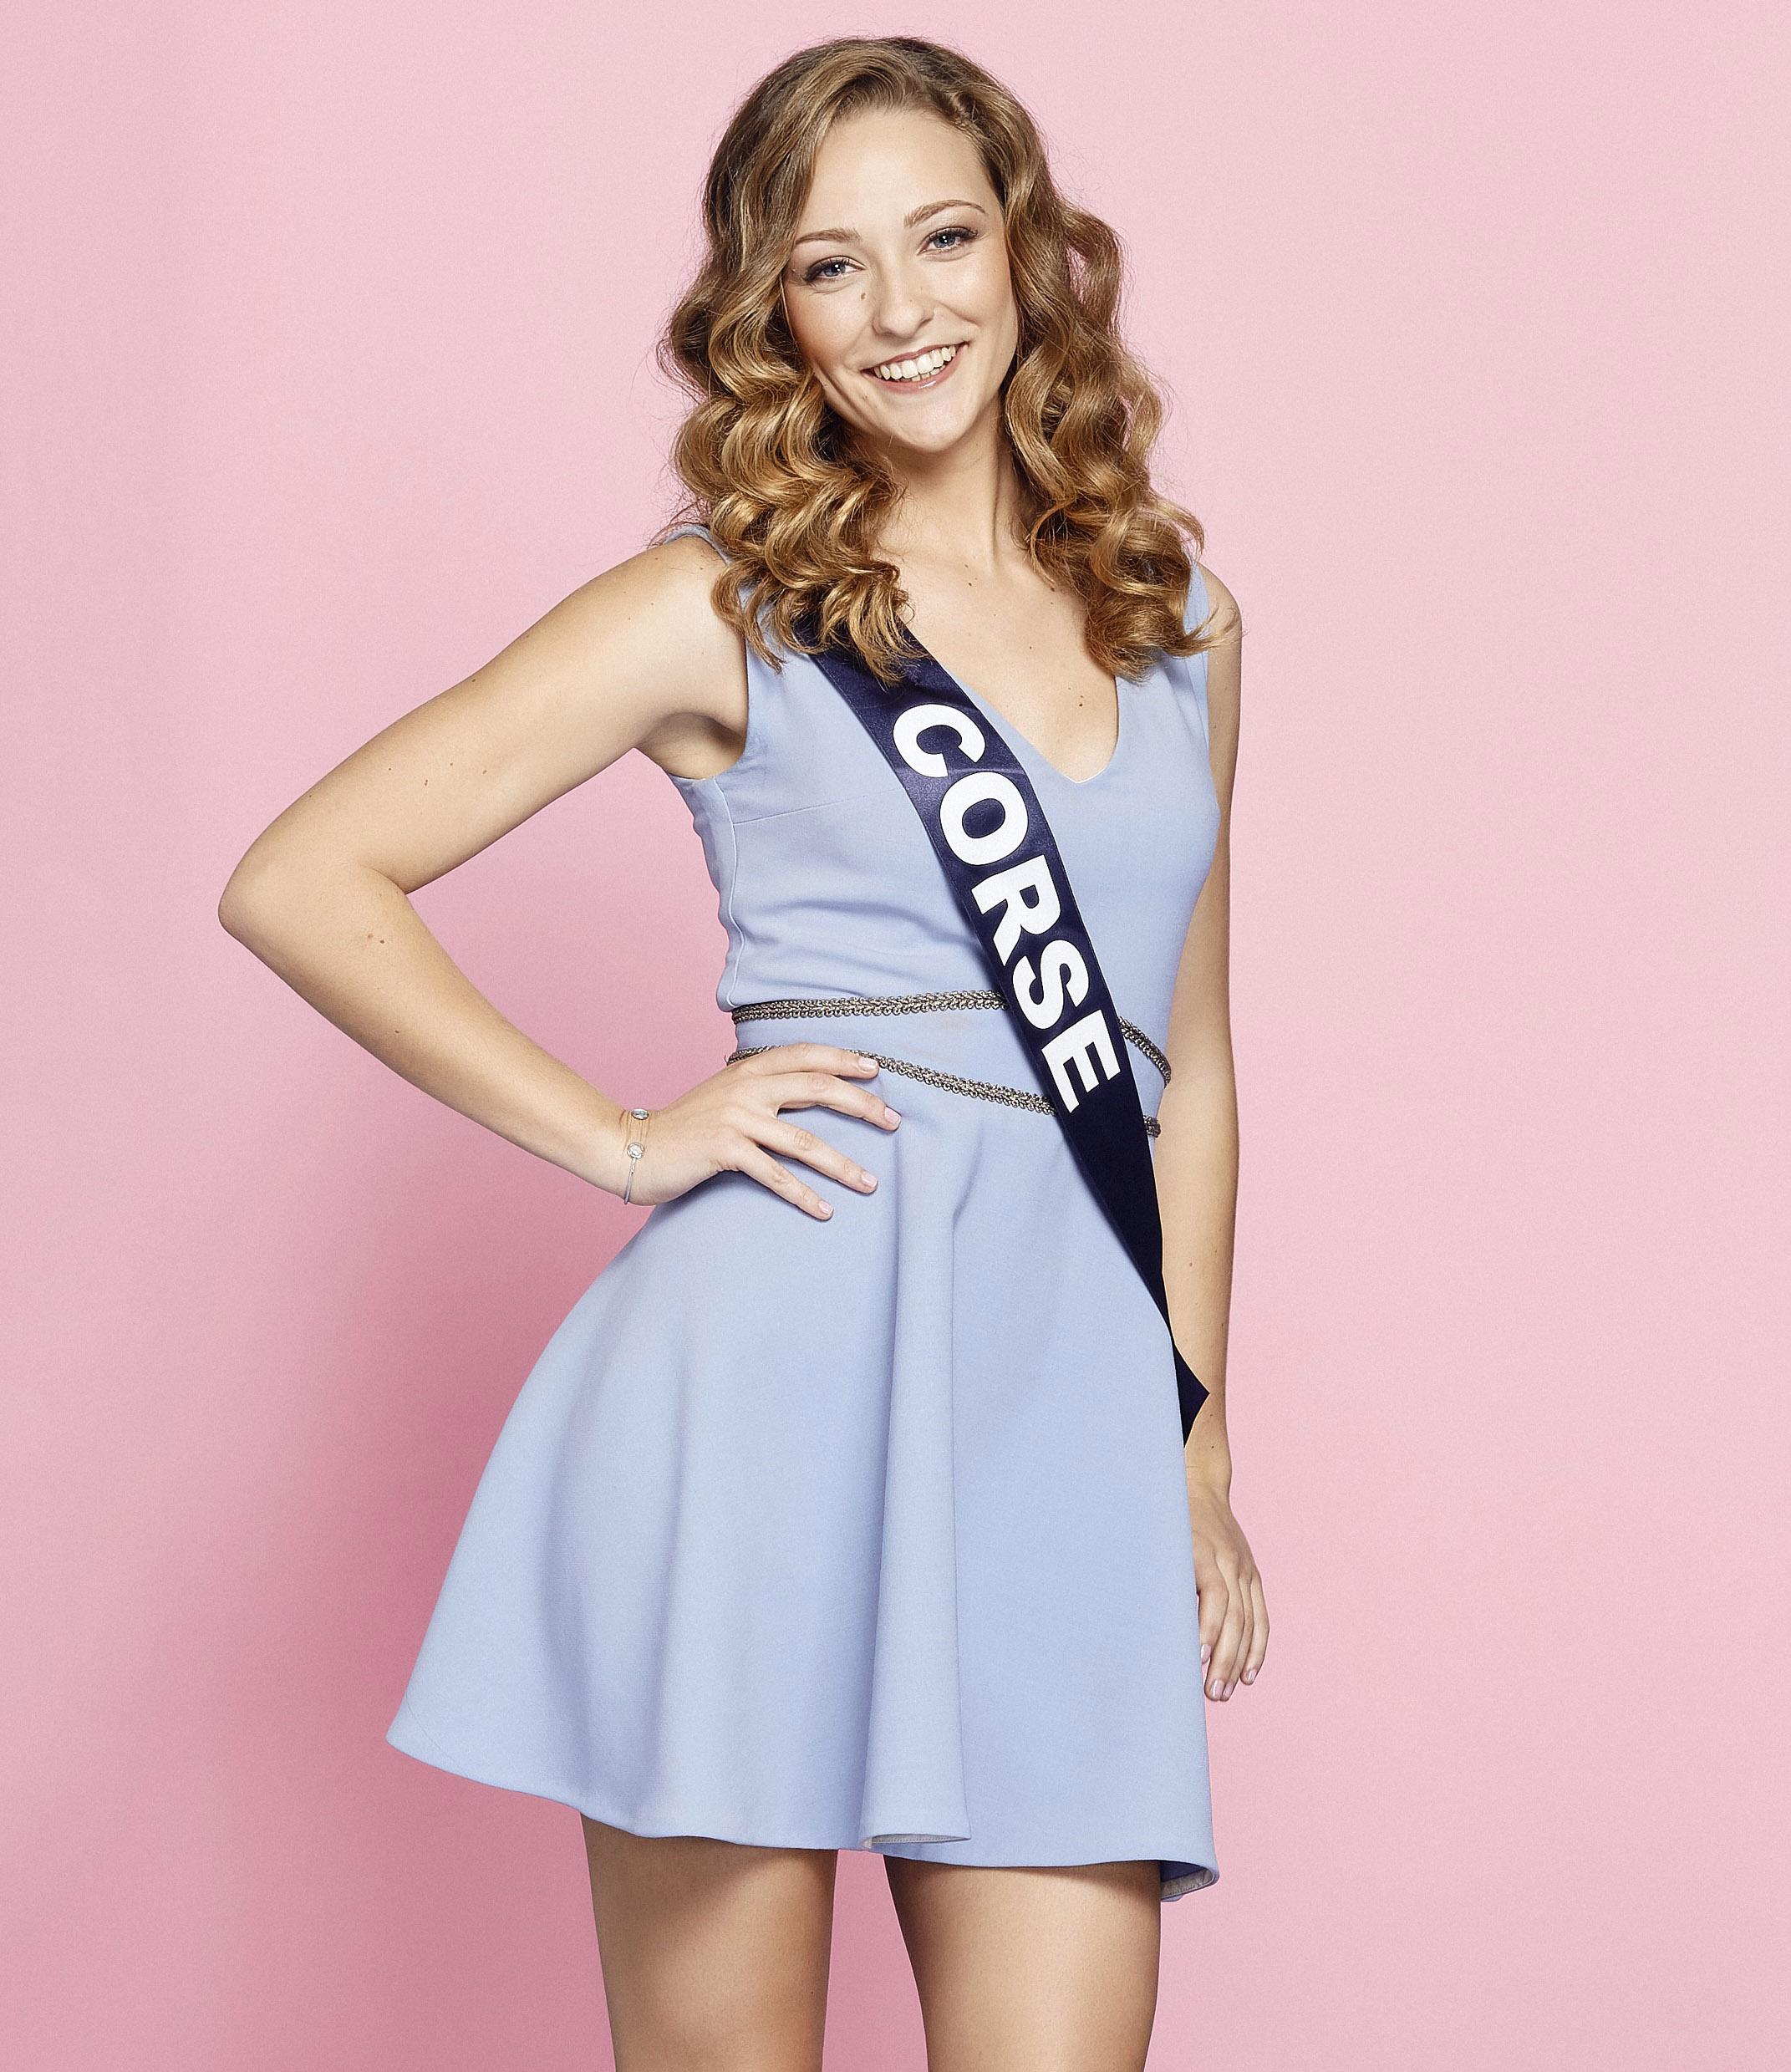 Miss Corse - Manon Jean-Mistral